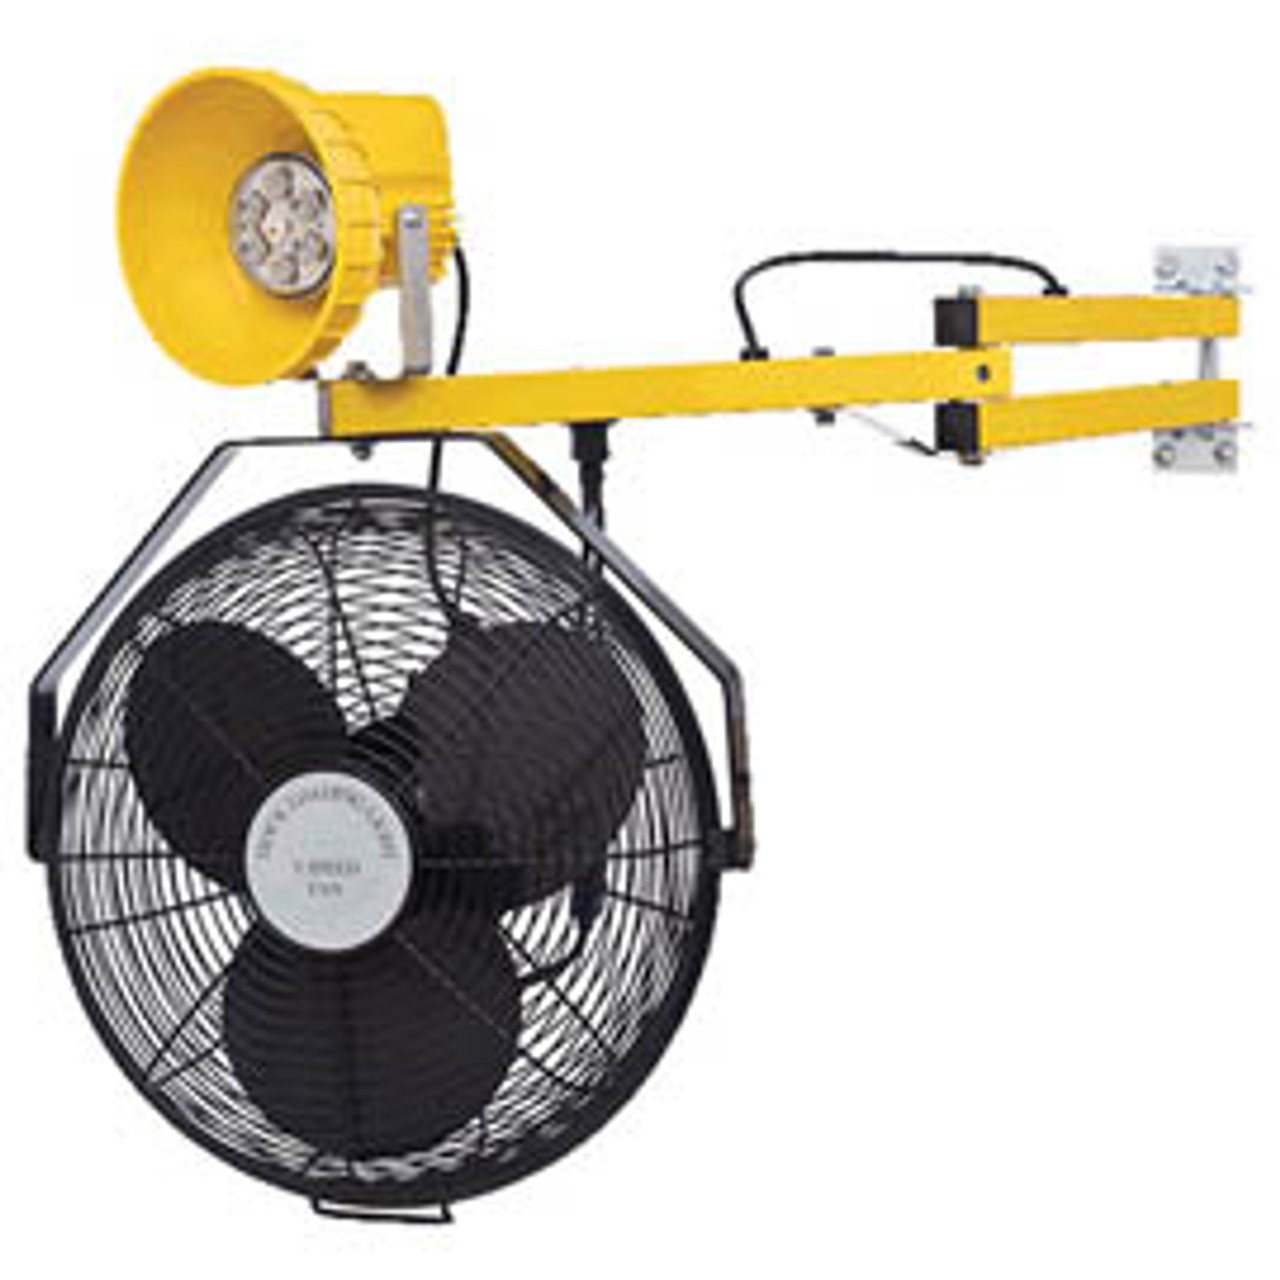 LED Module Heavy Duty 40-inch Dock Light with Fan